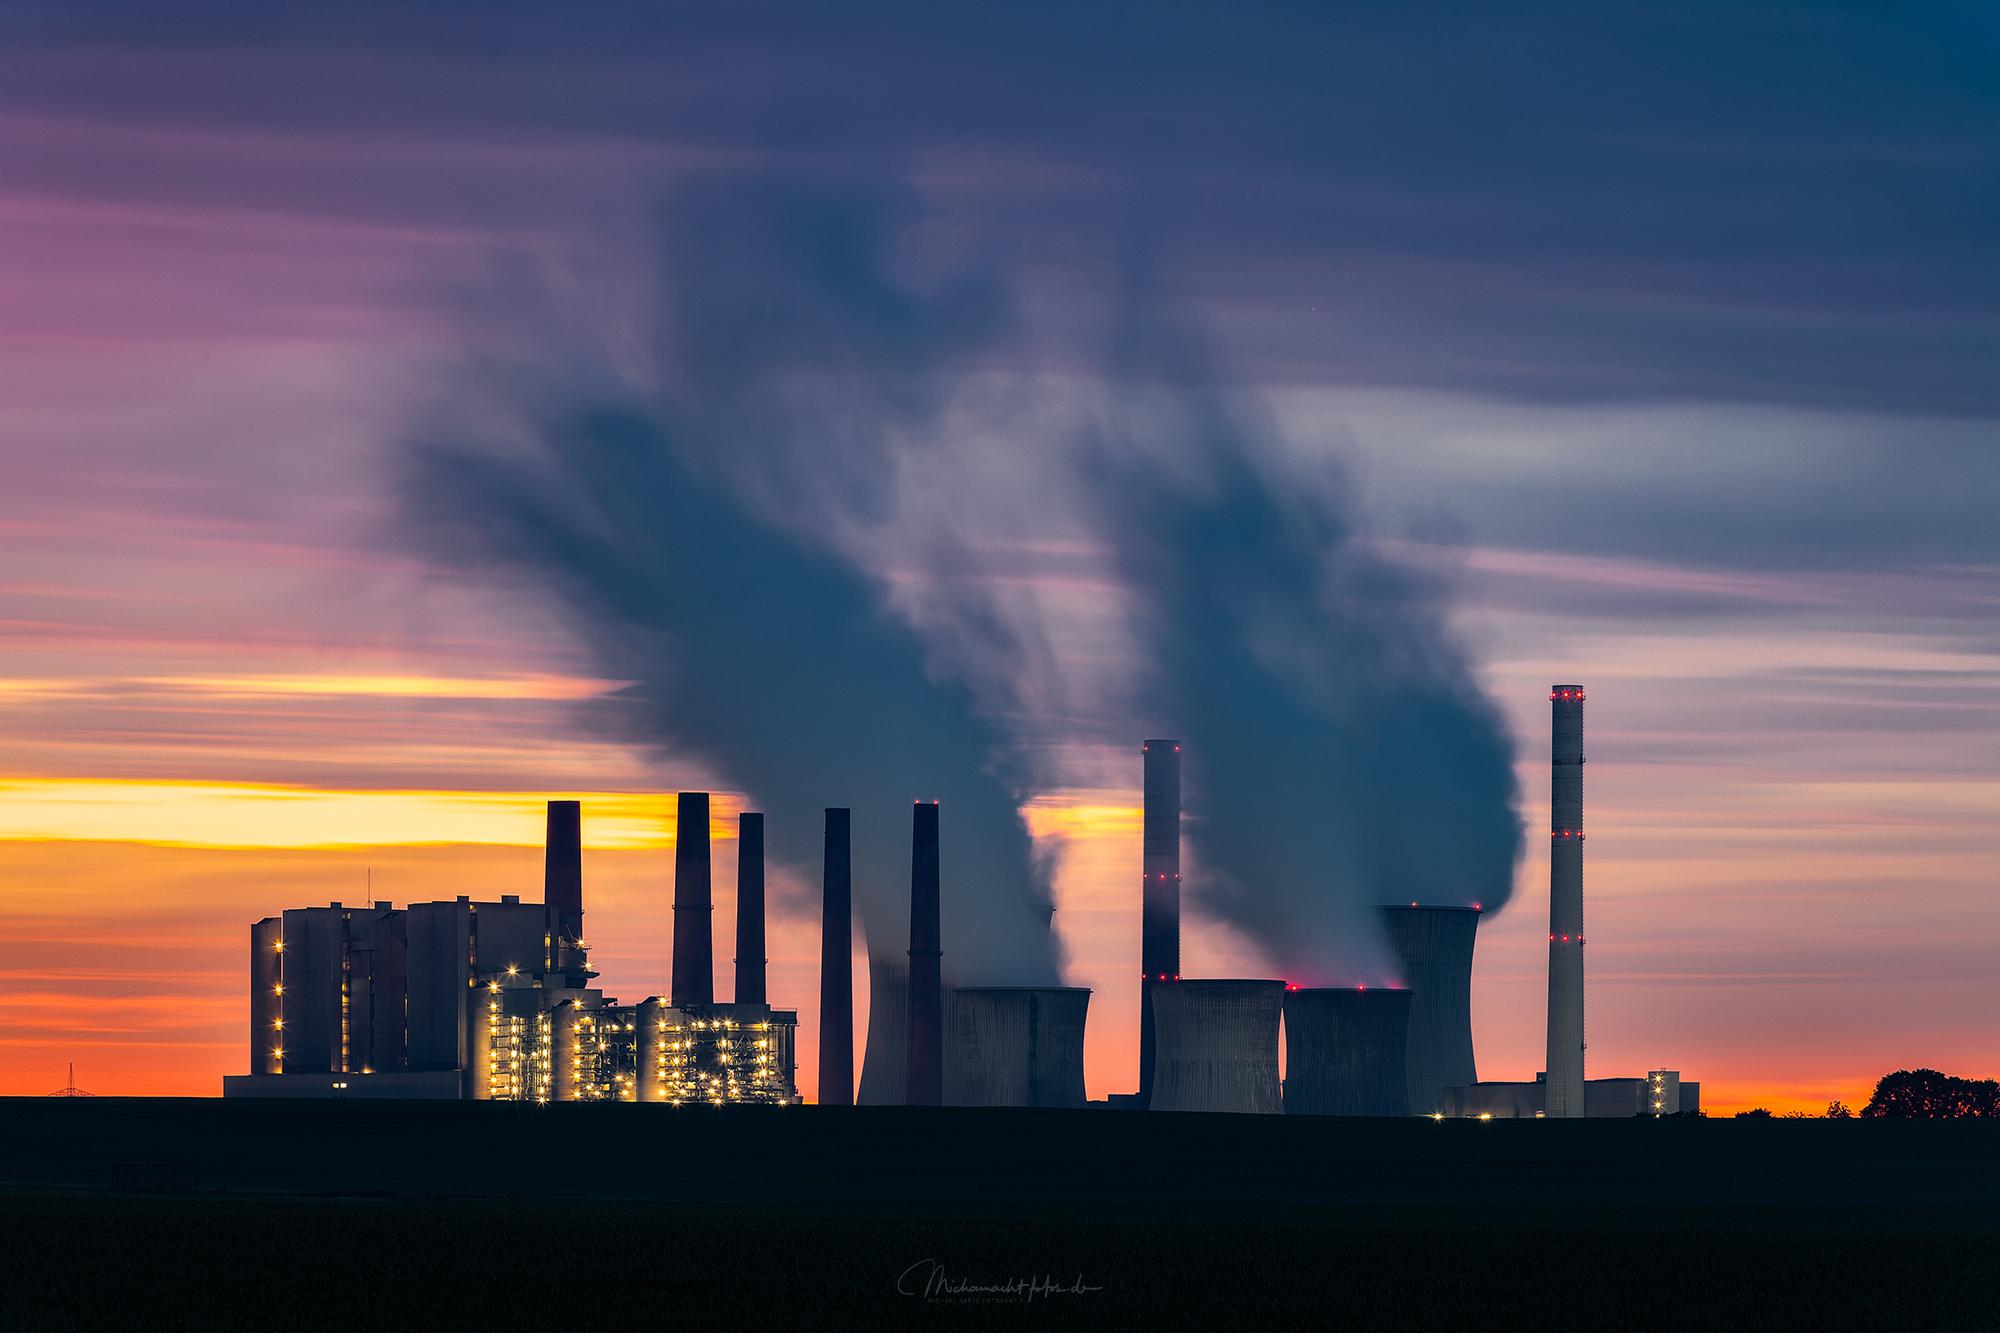 Kraftwerke bei Grevenbroich, Germany